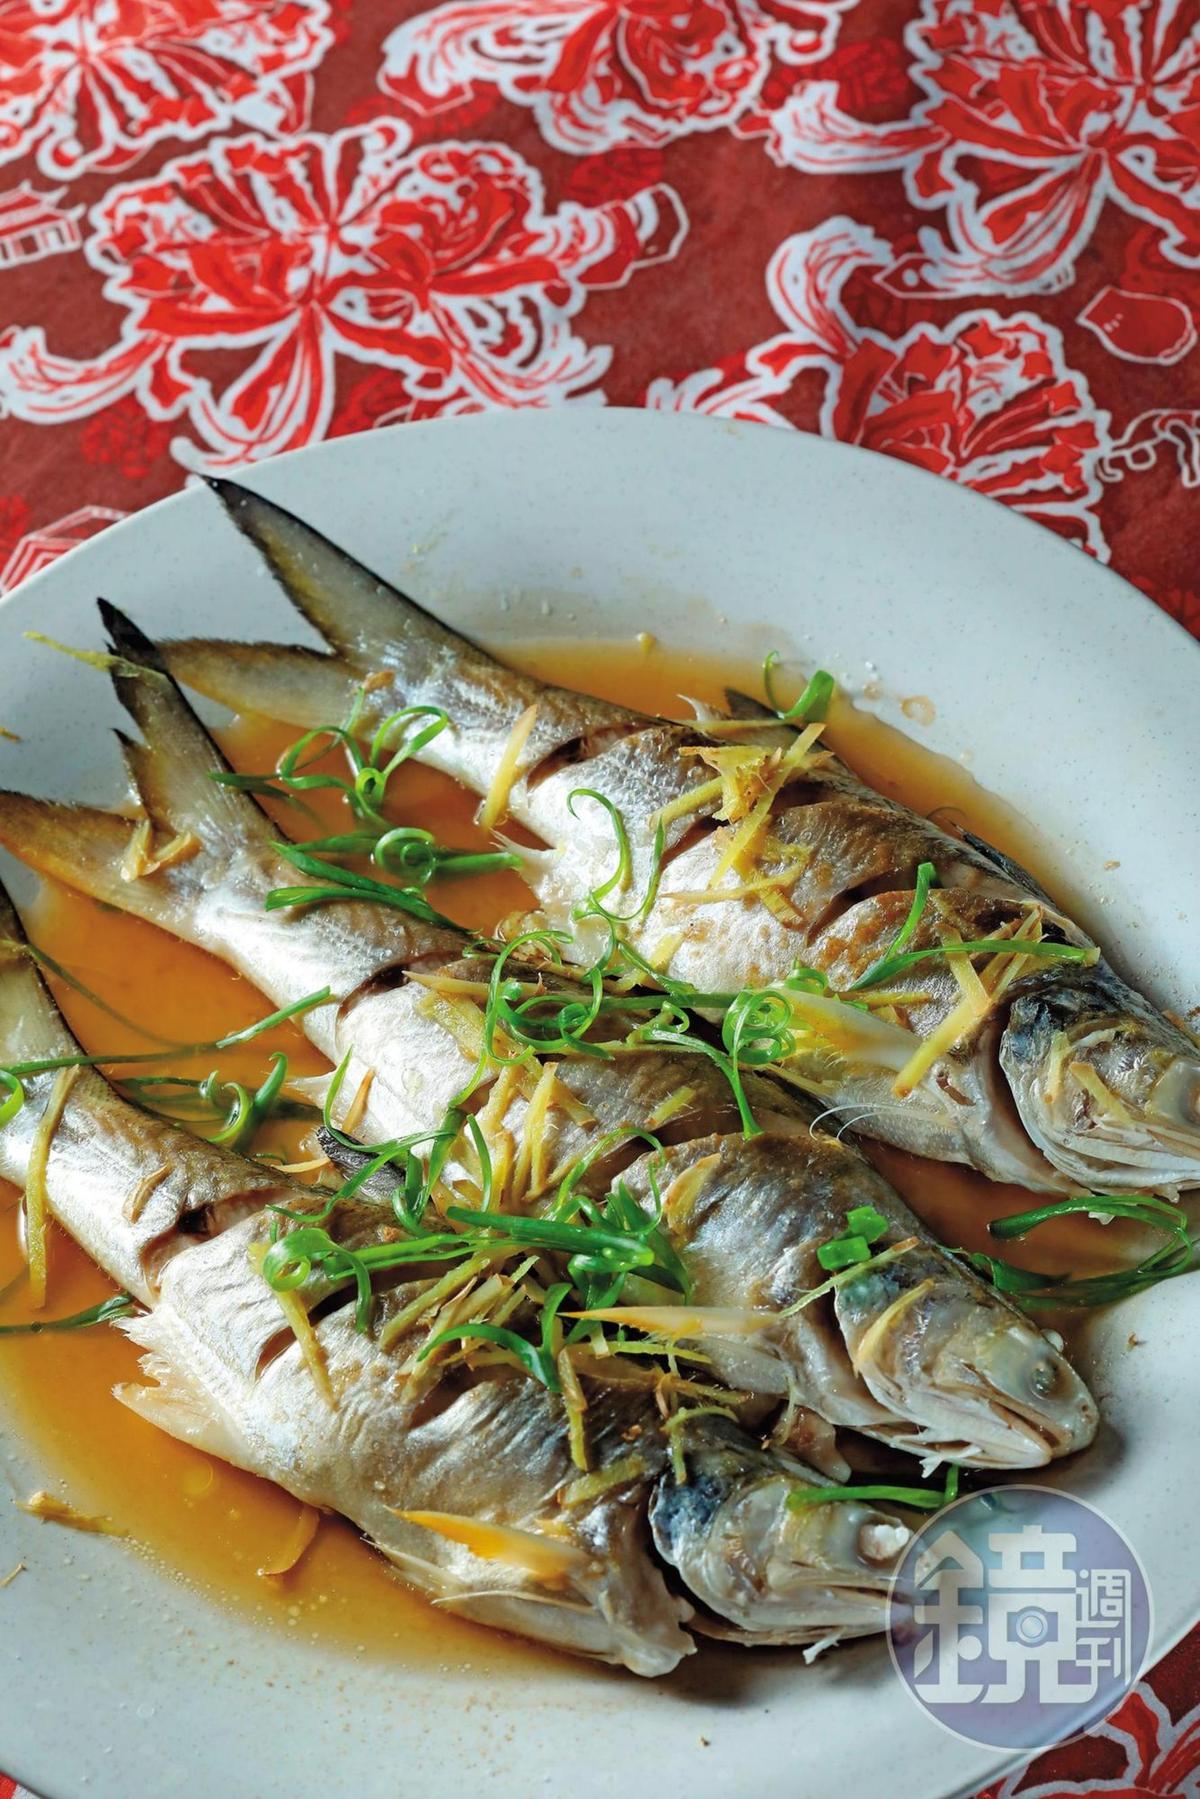 海魚配上老酒清蒸的這道「老酒馬鮁魚」,上桌立刻一掃而空。(5,000元桌菜菜色)